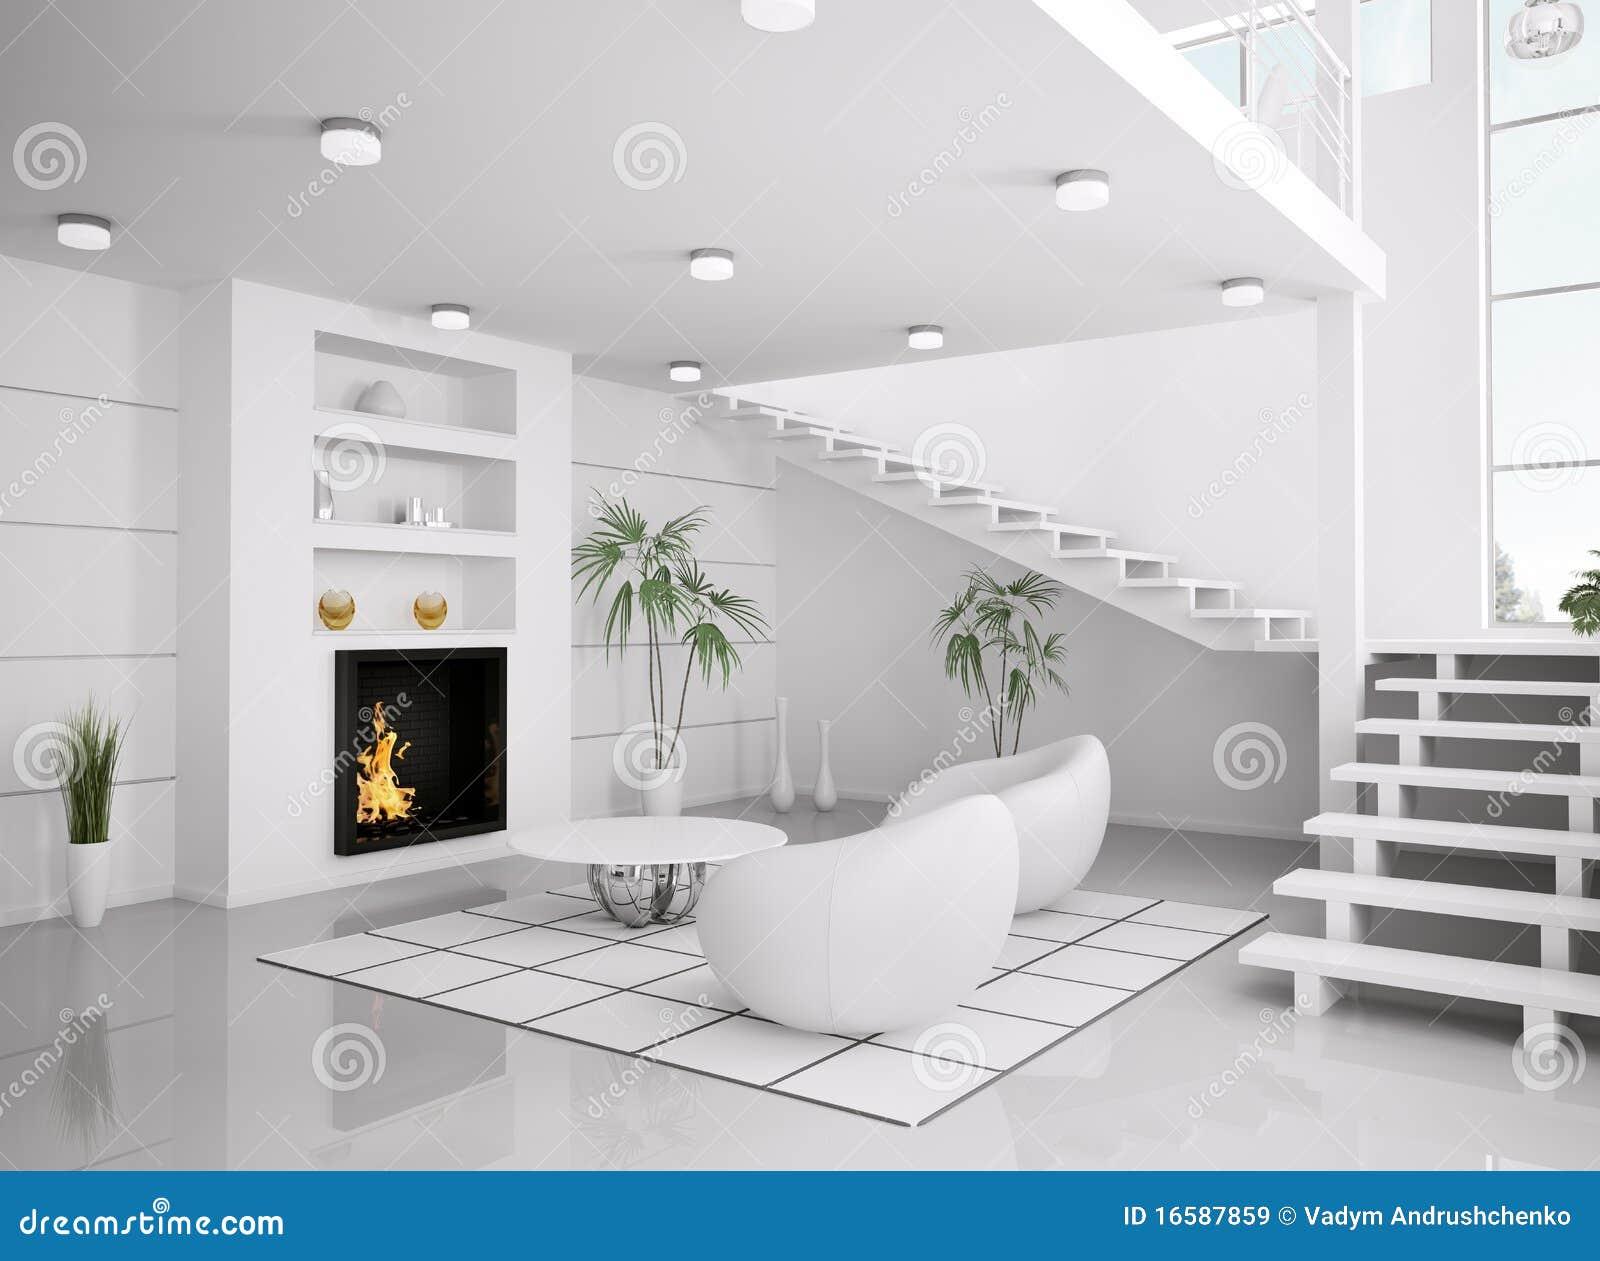 #82A328 L'intérieur Blanc Moderne De La Salle De Séjour 3d Rendent  3941 salle de sejour moderne 1300x1041 px @ aertt.com